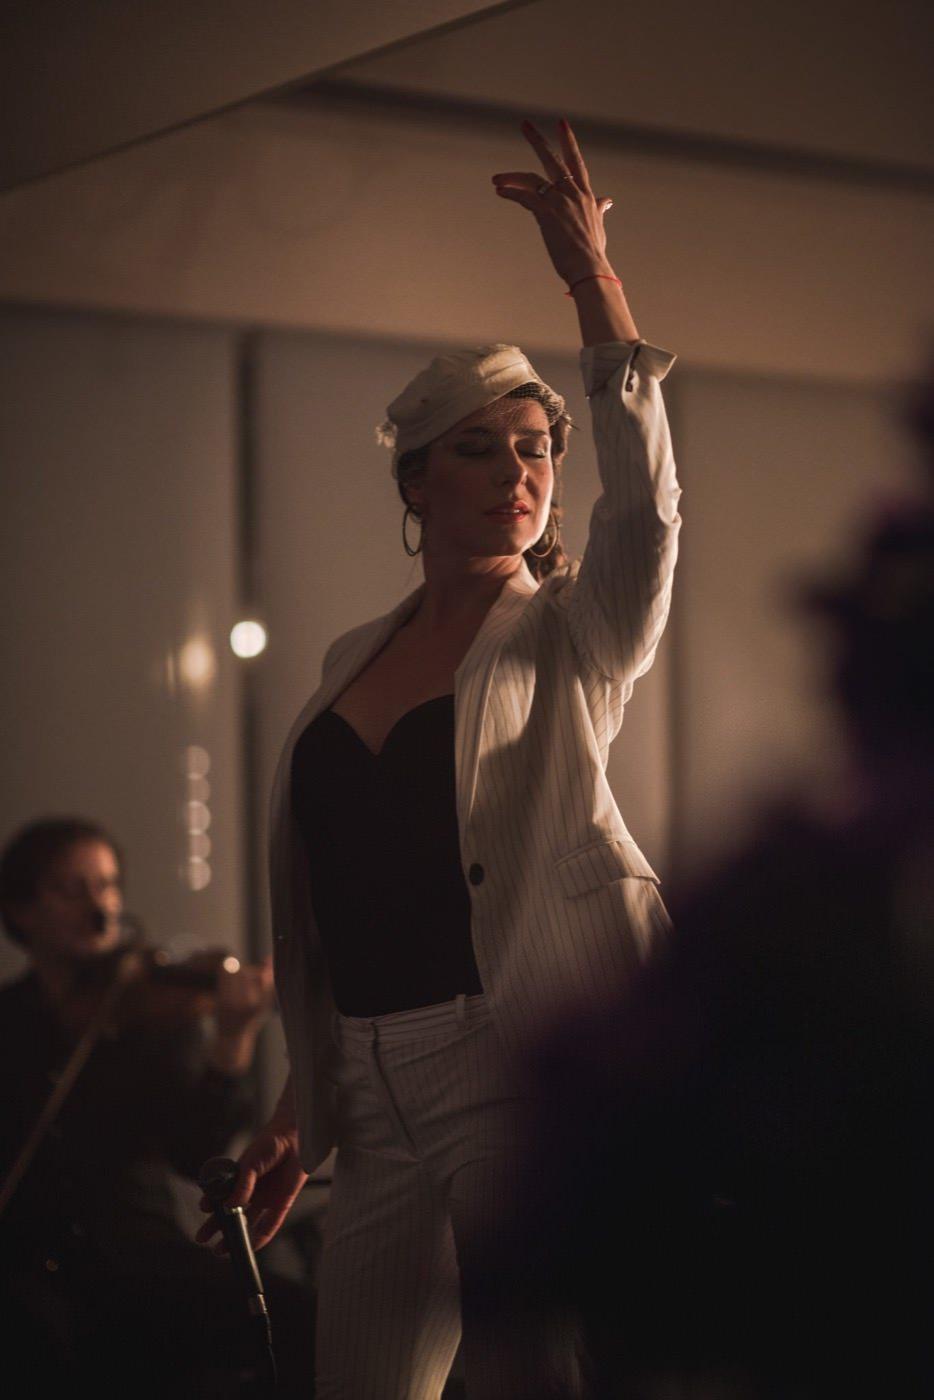 Kobieta na scenie z uniesioną ręką i zamkniętymi oczami w kontrastowym świetle